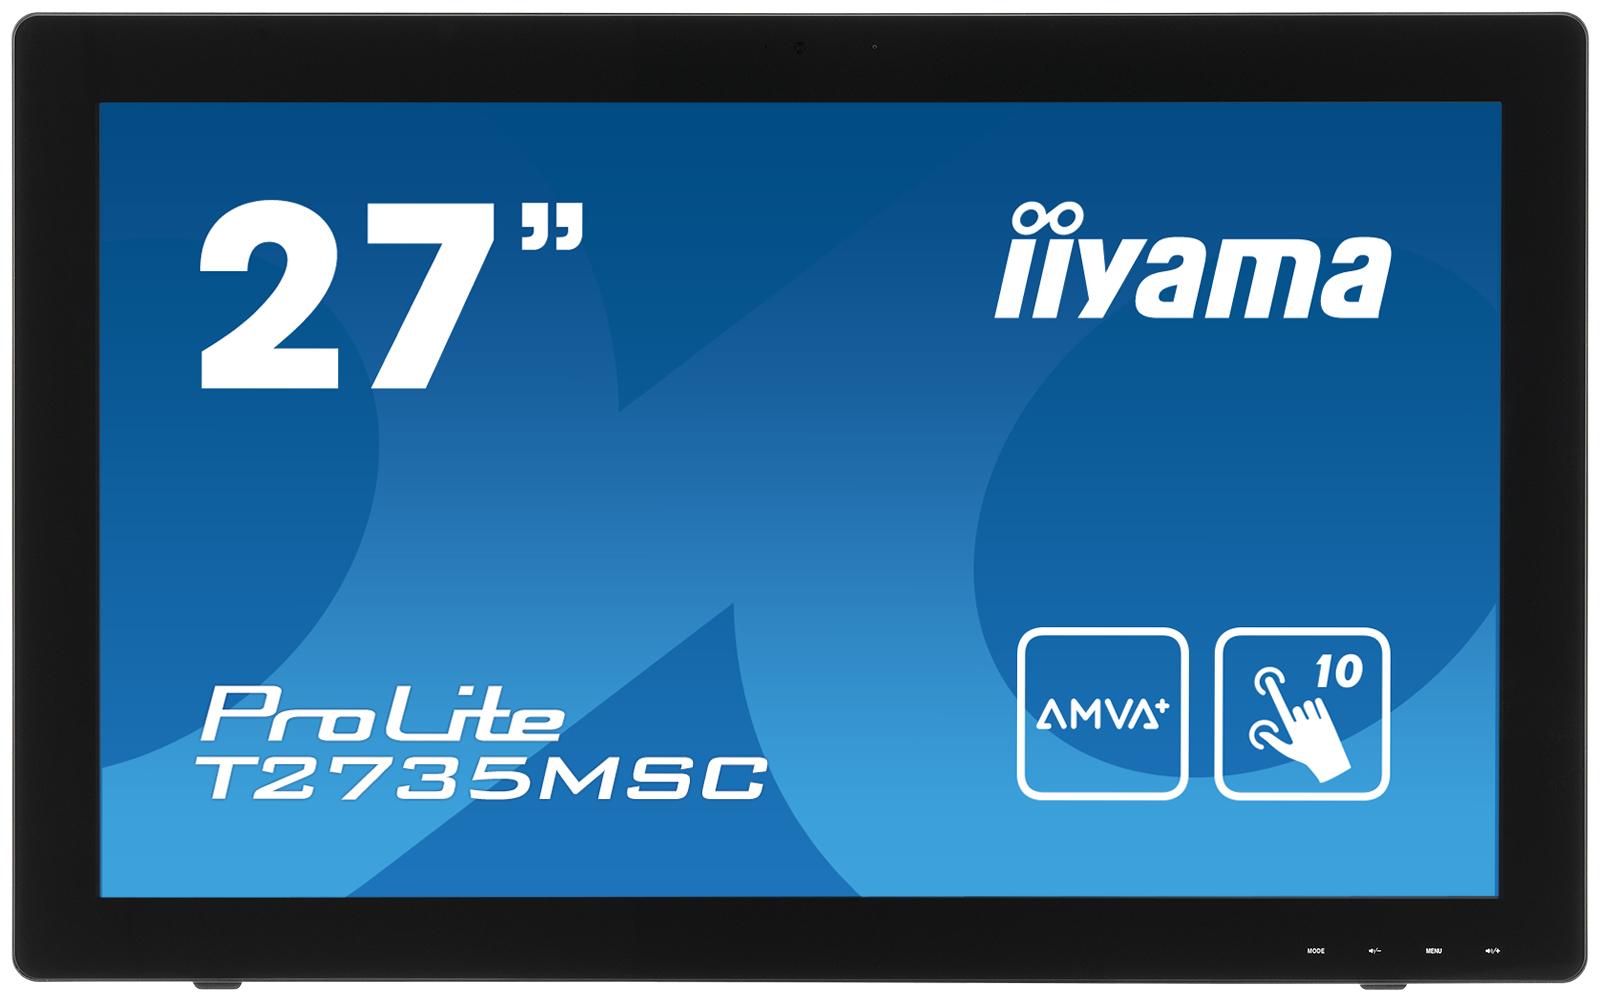 Iiyama LCD T2735MSC-B2 27''LED AMVA+ dotykový,5ms,VGA/DVI/HDMI,repro,1920x1080,č